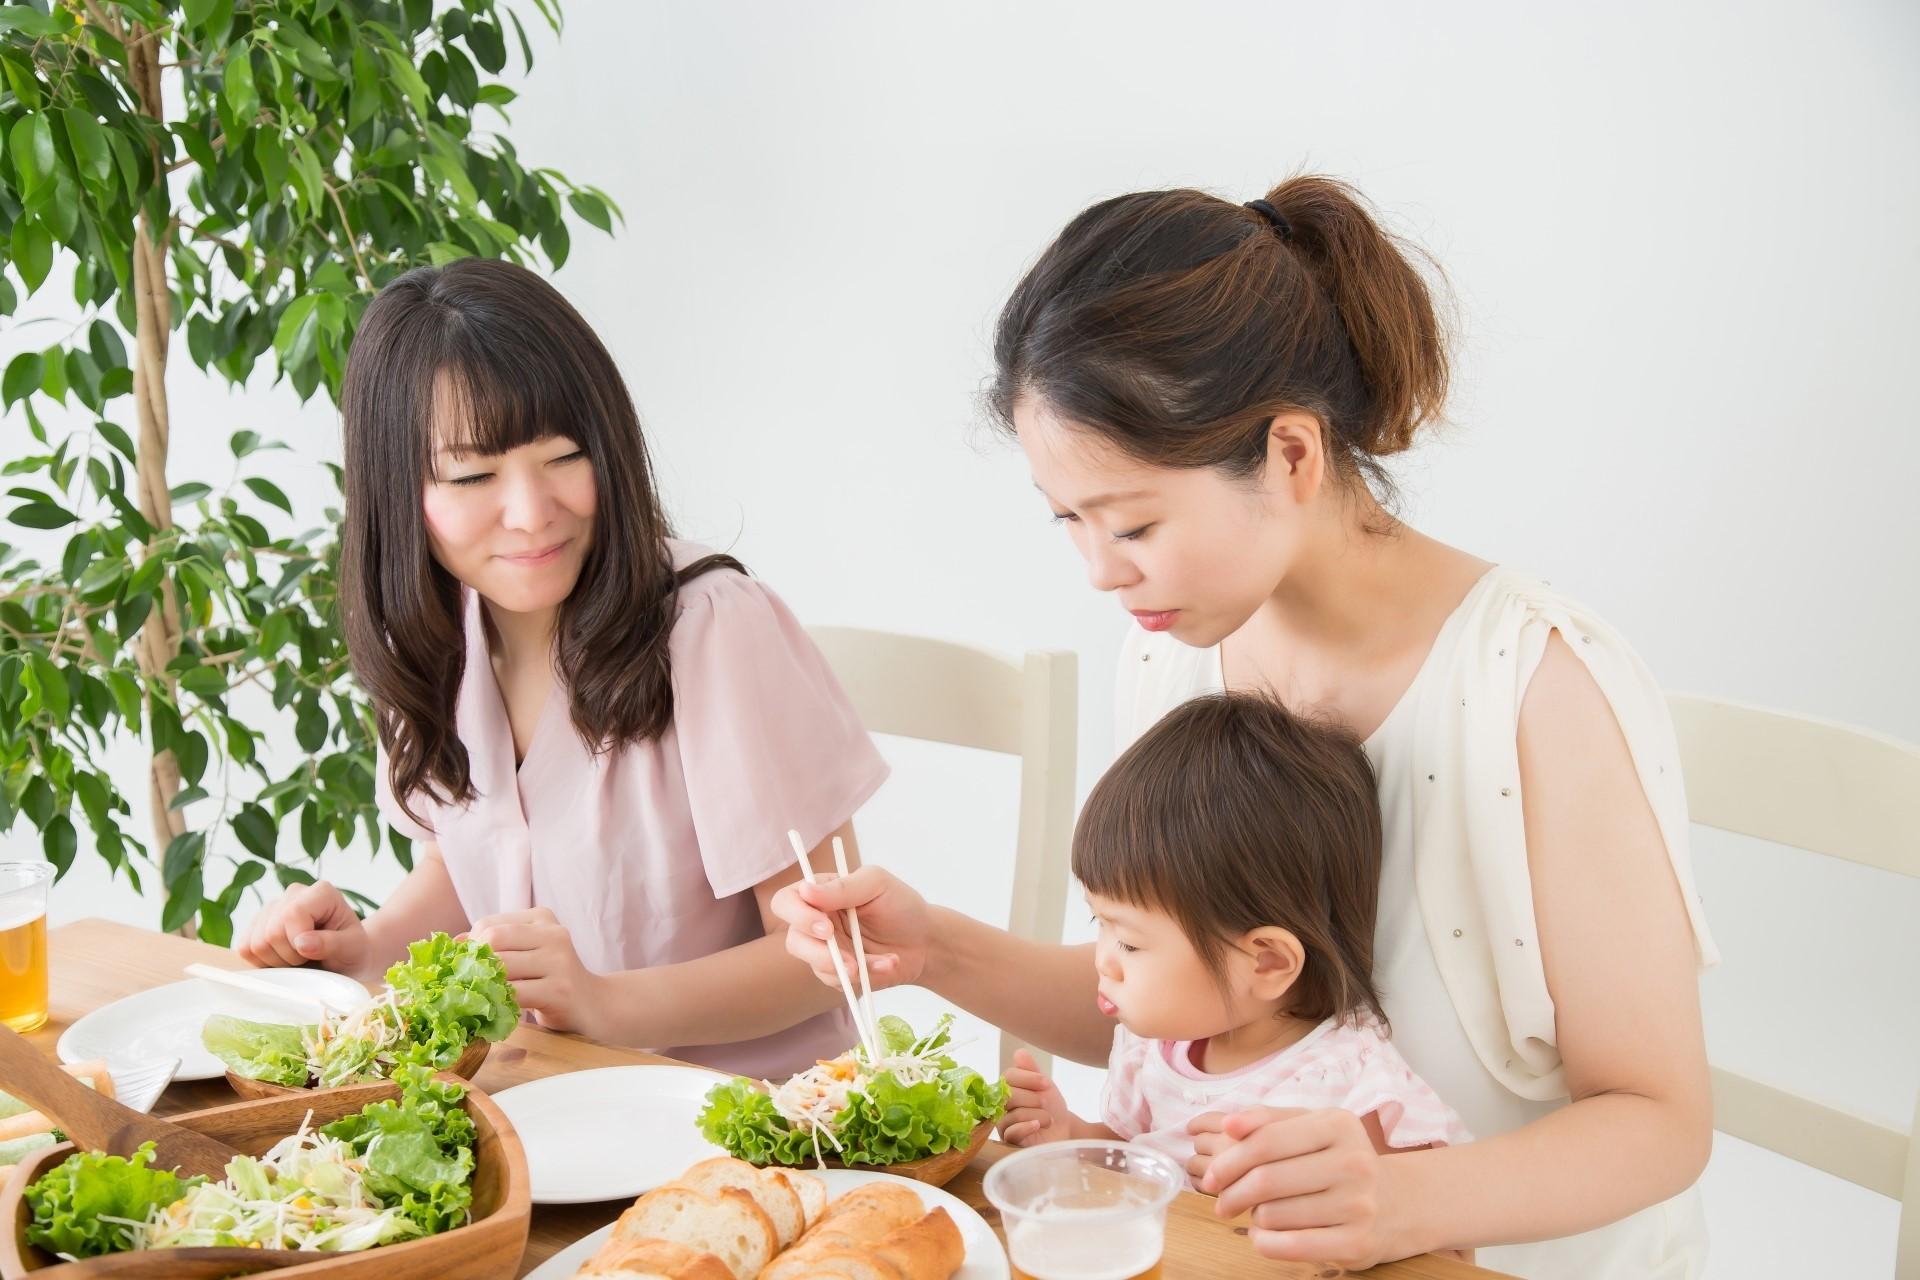 第2回目【参加無料】ダノン健康栄養財団による食育講座「成長期の子どもに必要な睡眠と食事」